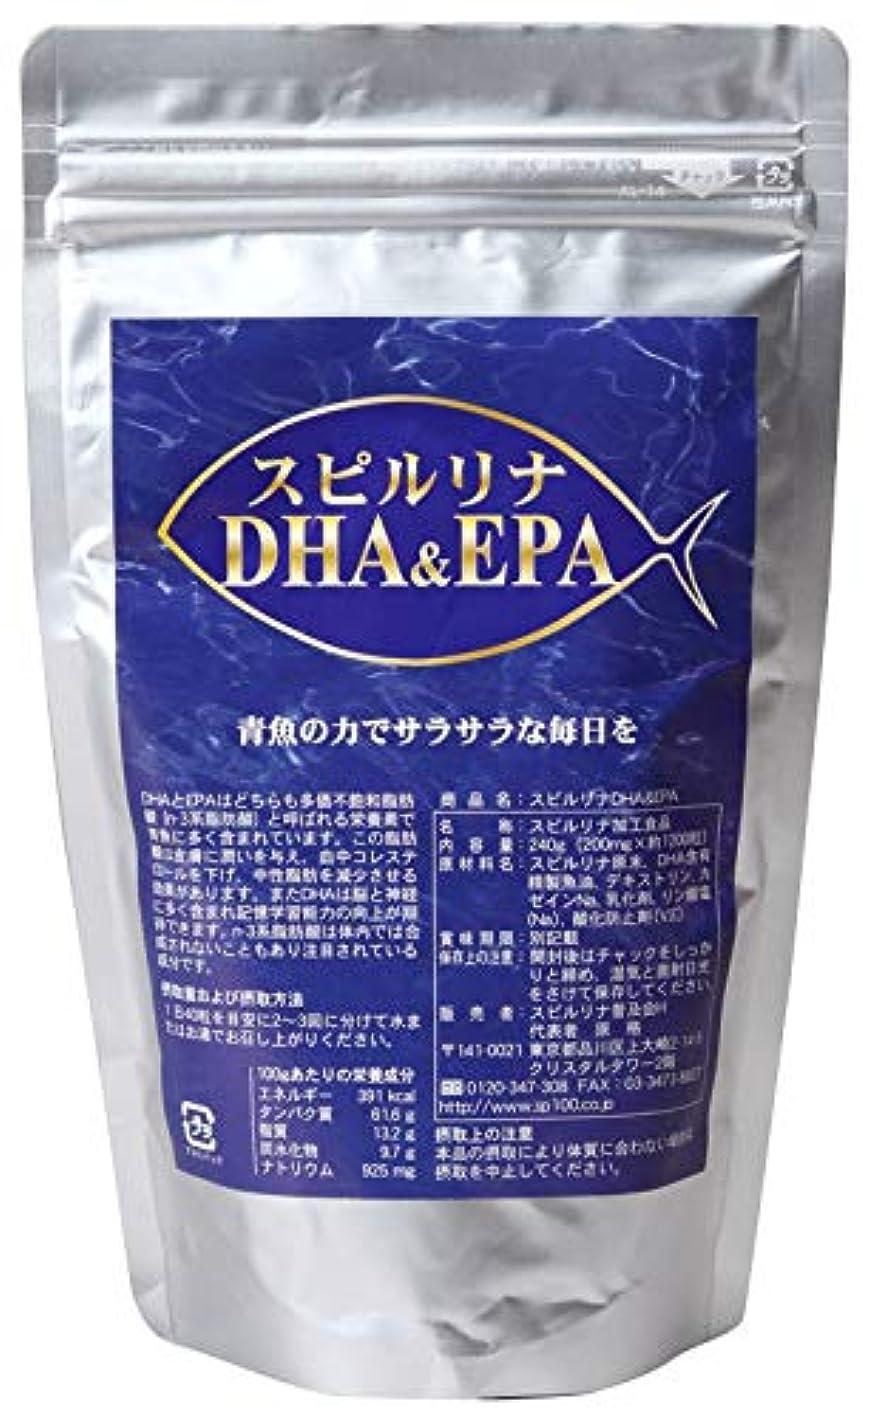 従順なシネマローブ【スピルリナ?DHA&EPA】1200粒×200mg(約30日分)